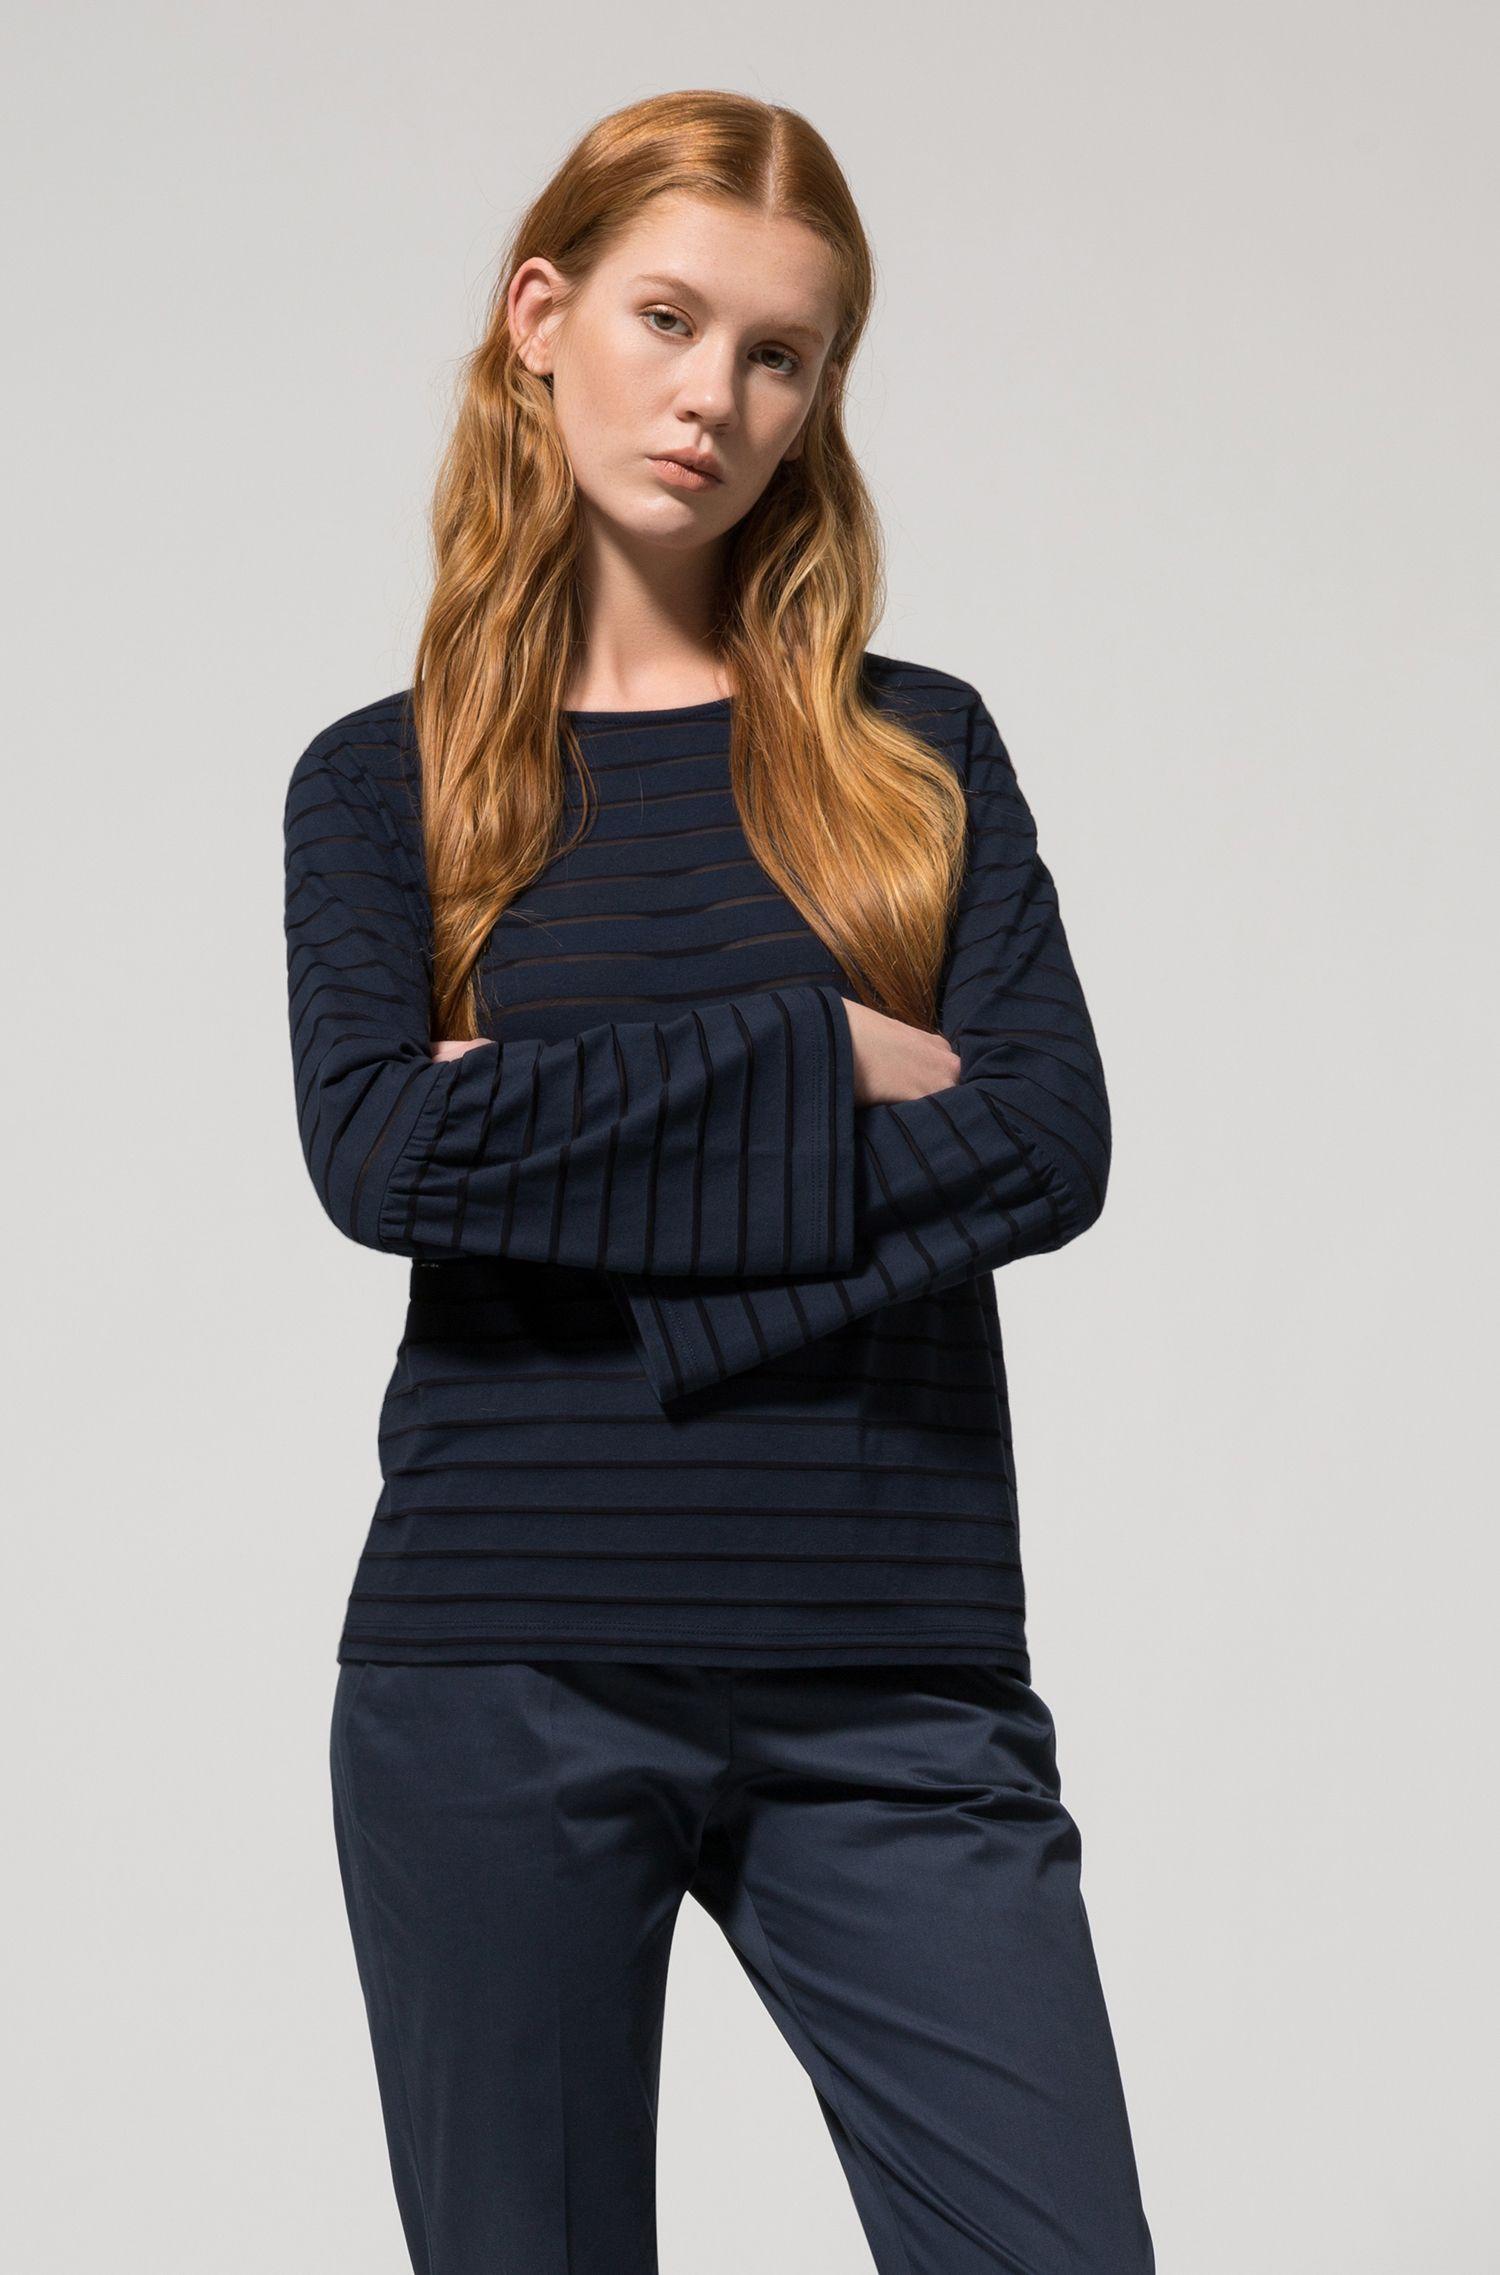 Camiseta en mezcla de algodón con rayas horizontales tonales